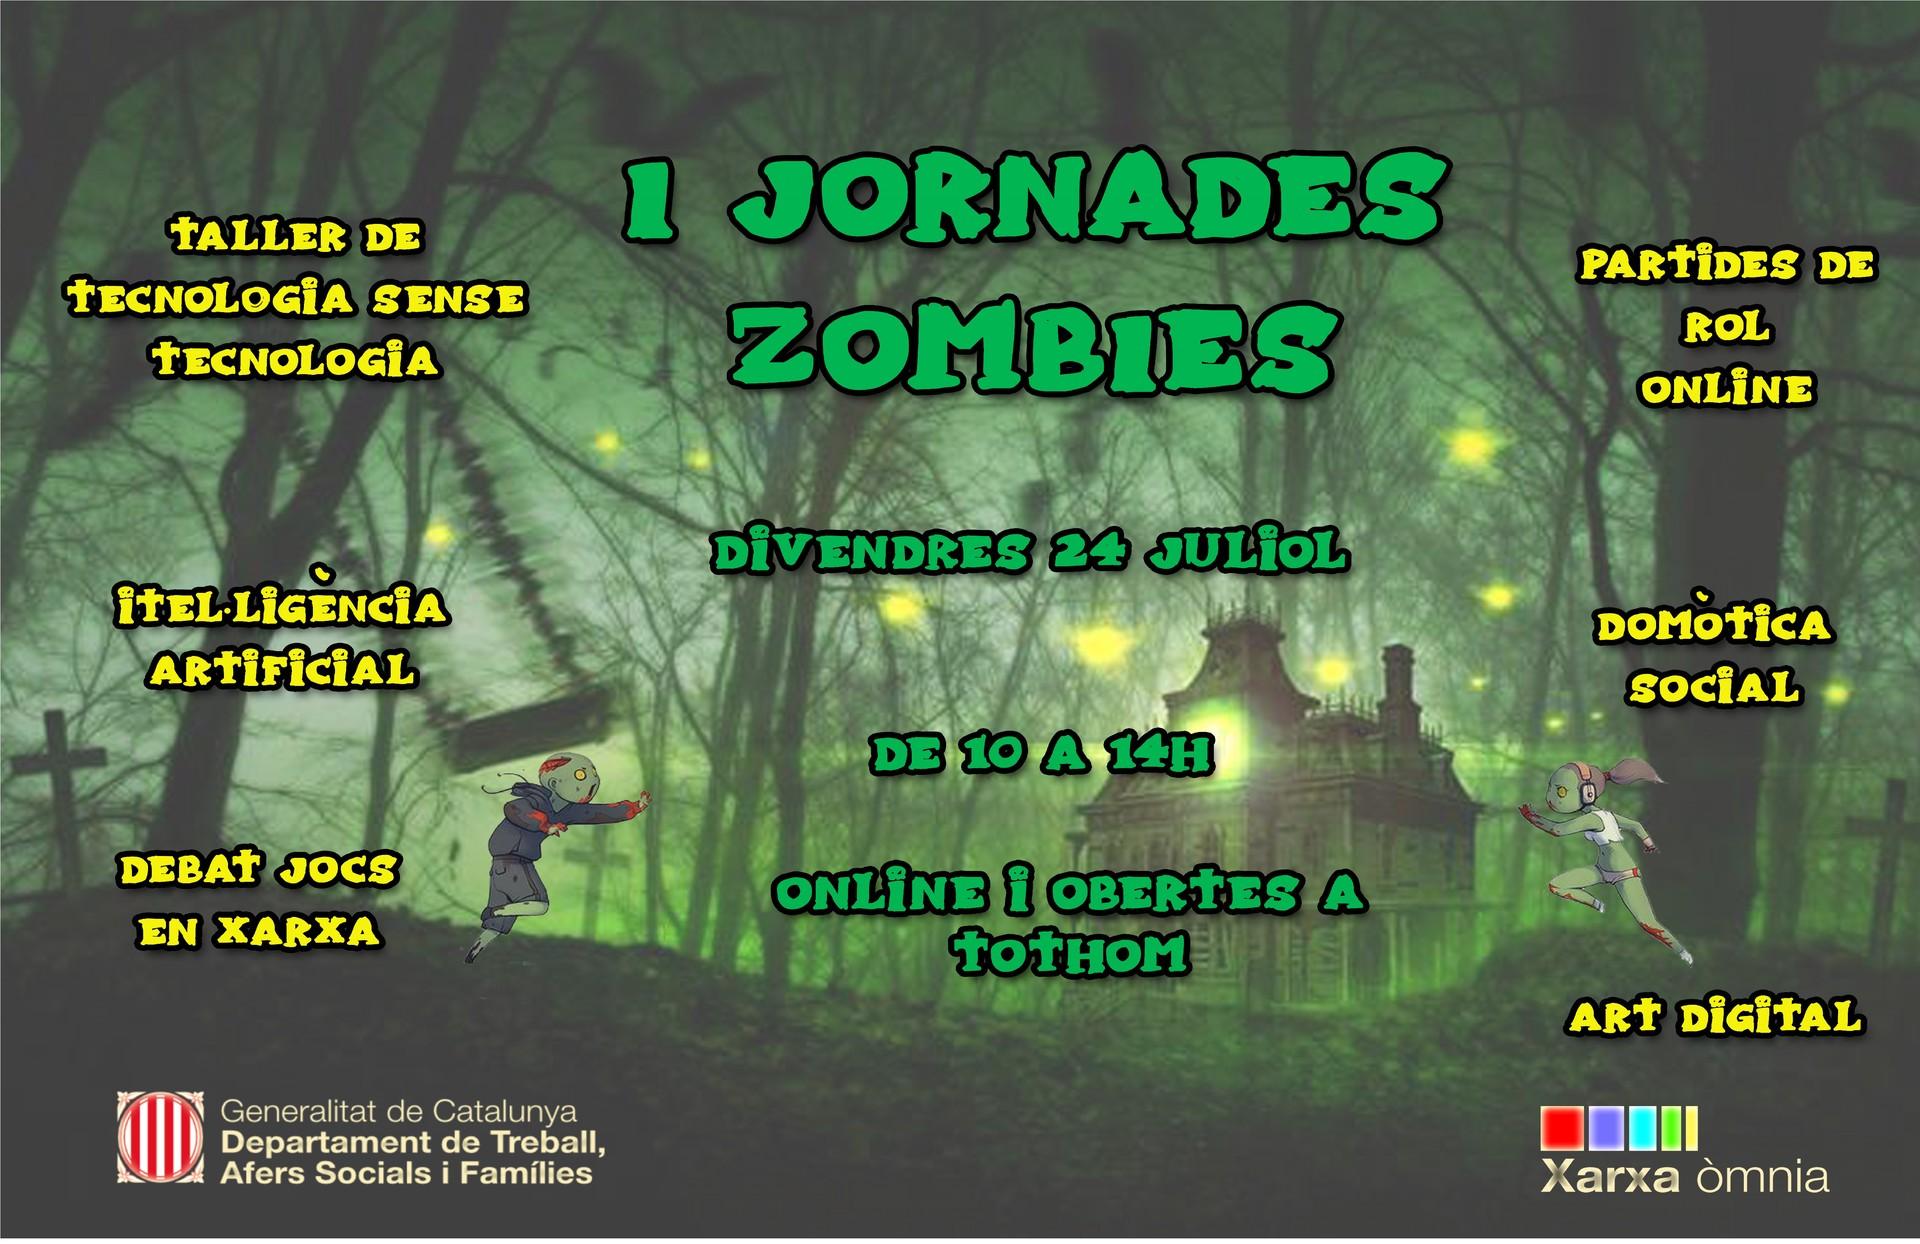 Cartell de les I Jornades Zombies